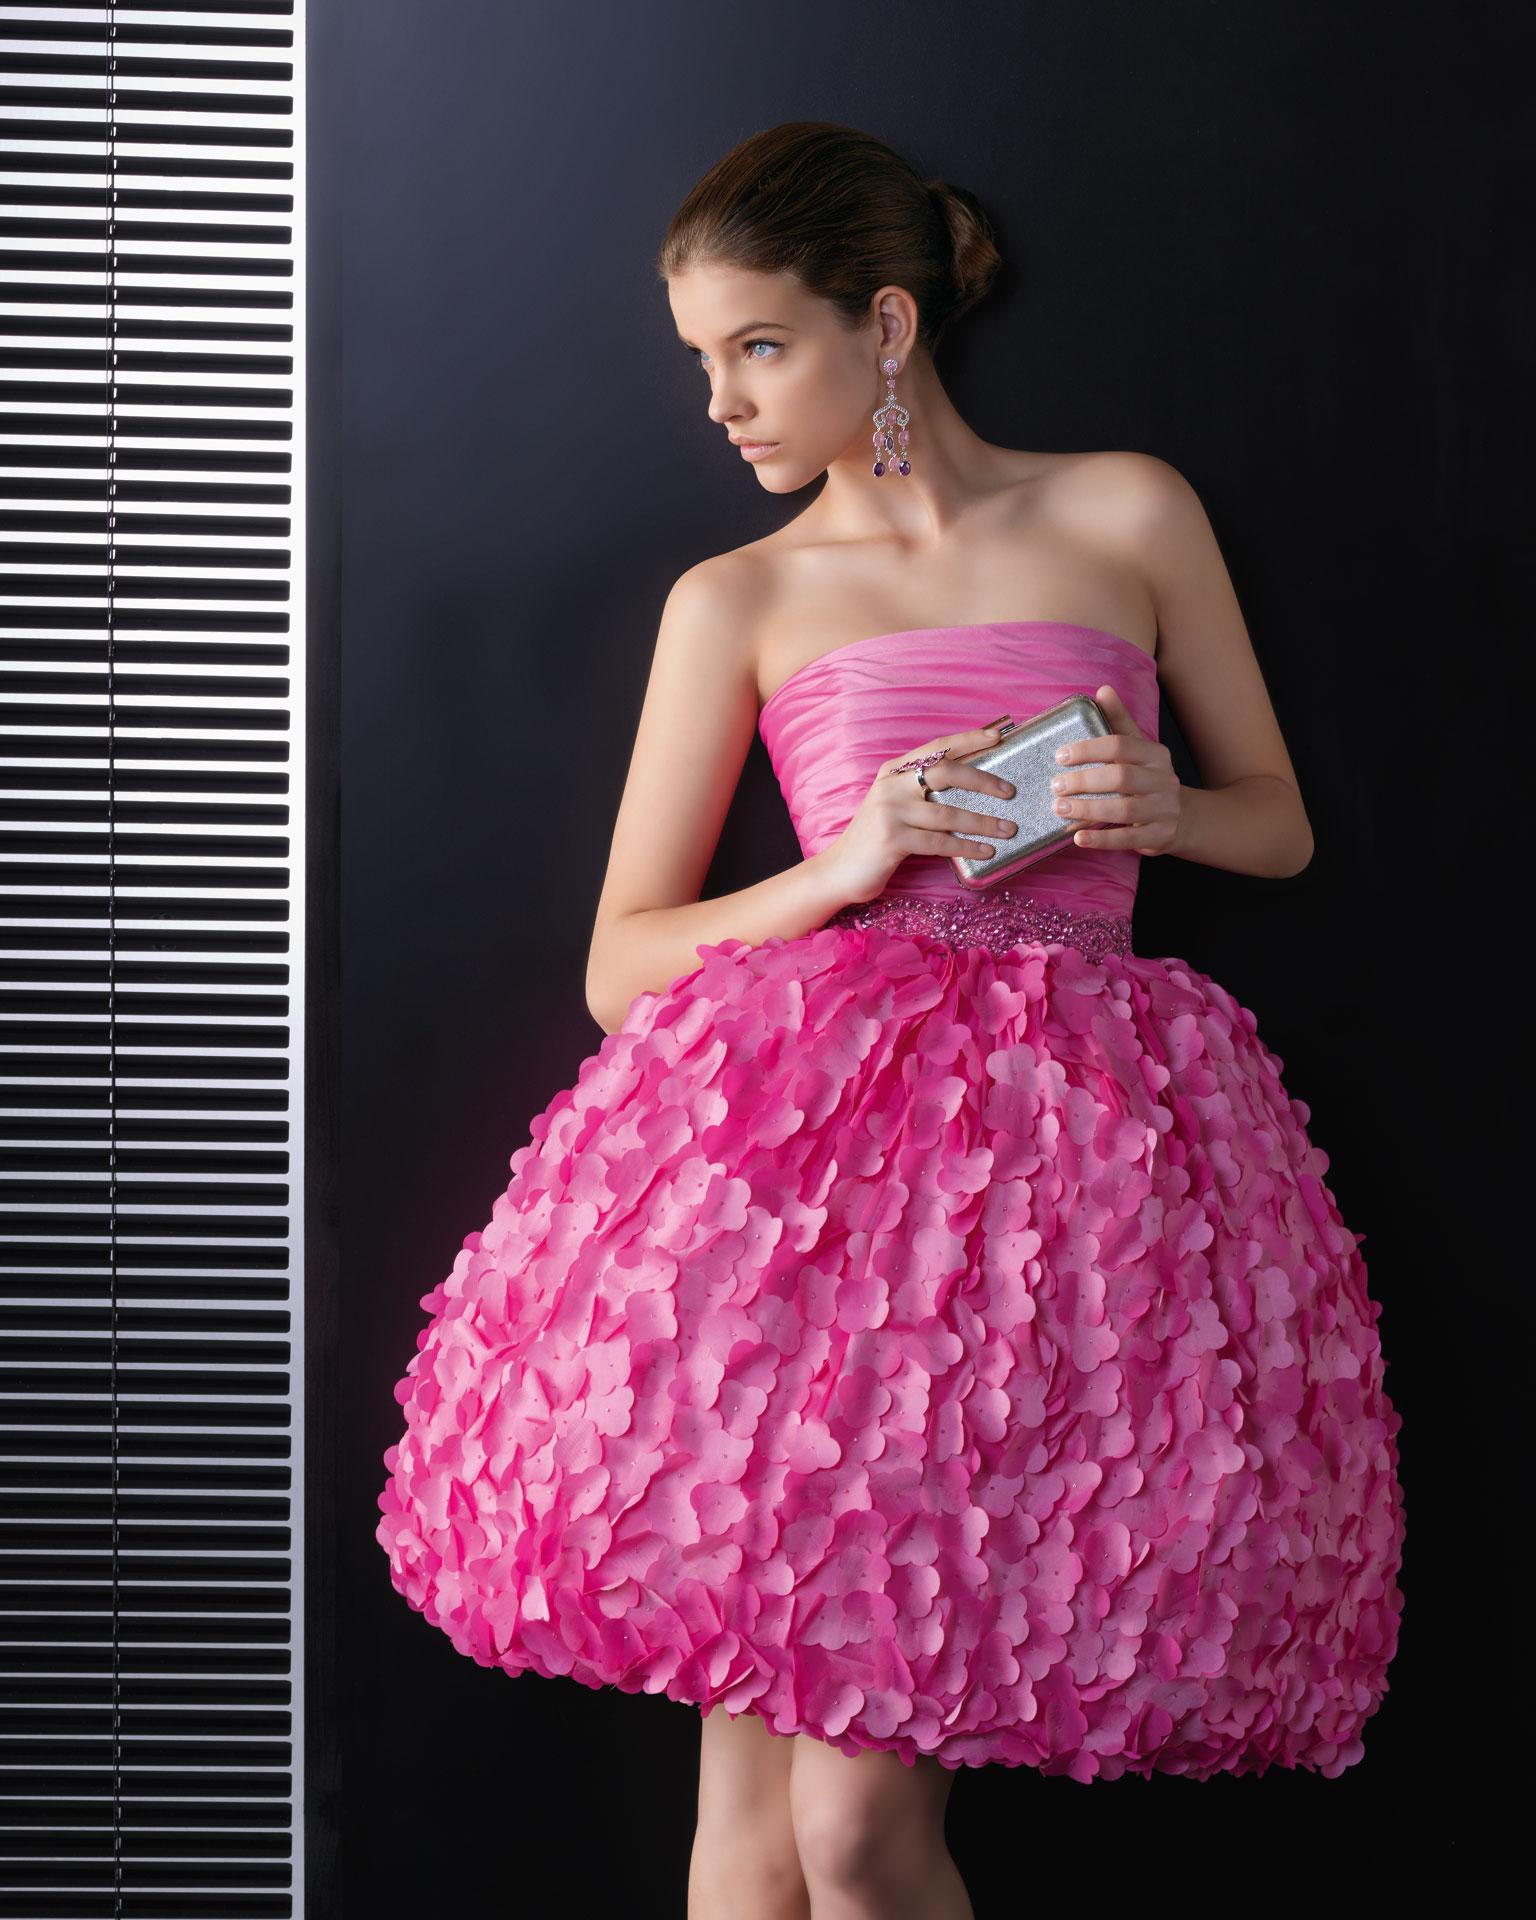 Increíble Vestidos De Fiesta Alternativos Friso - Colección de ...